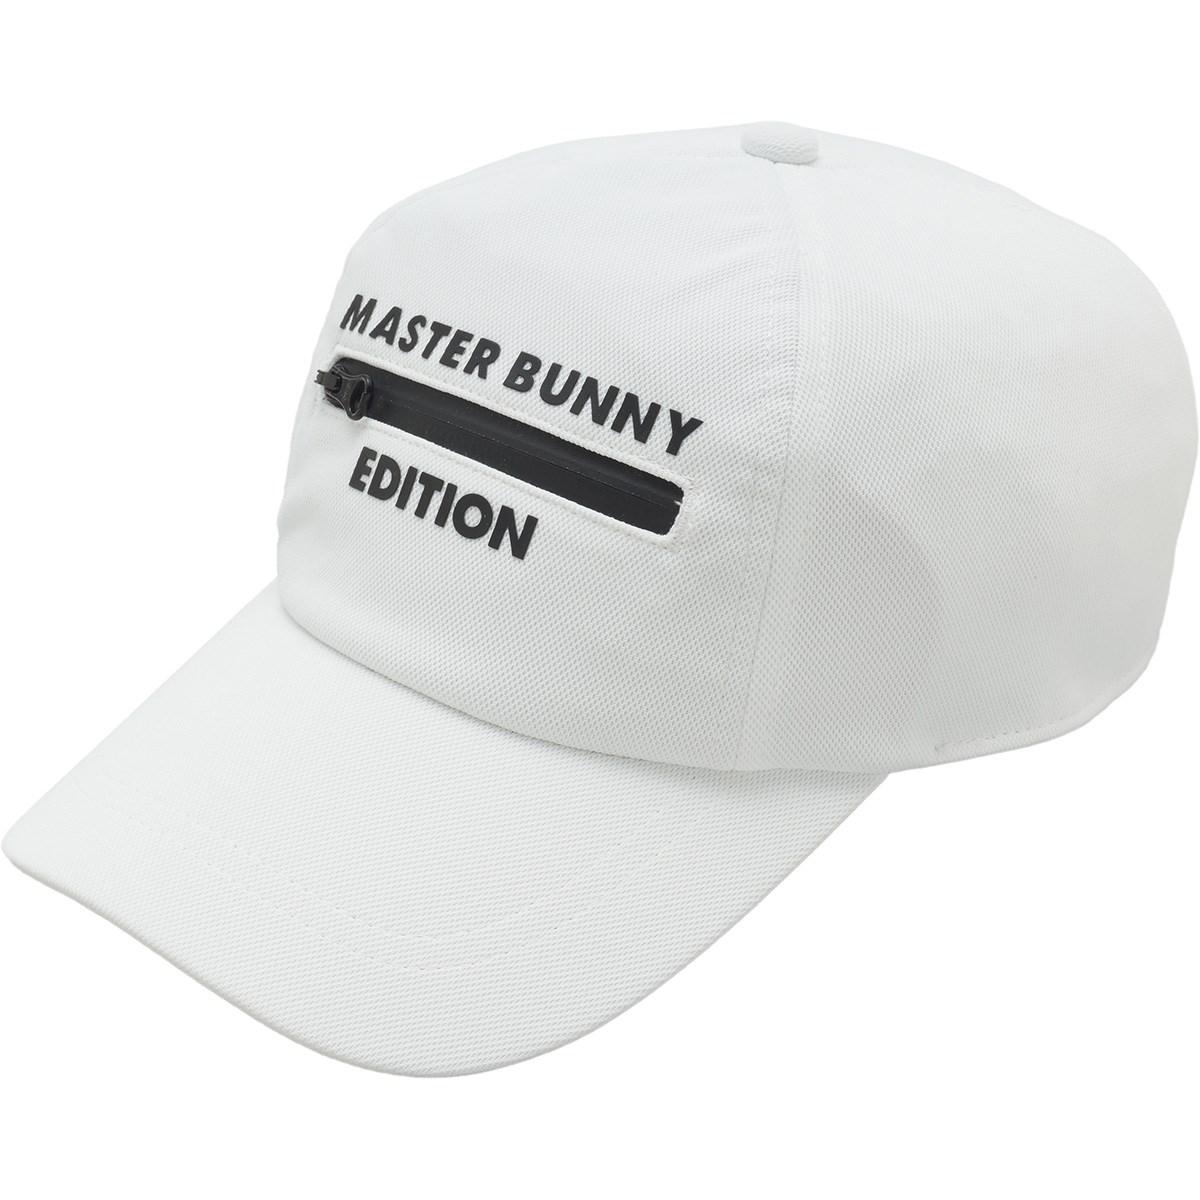 マスターバニーエディション MASTER BUNNY EDITION ファスナー付きキャップ フリー ホワイト 030